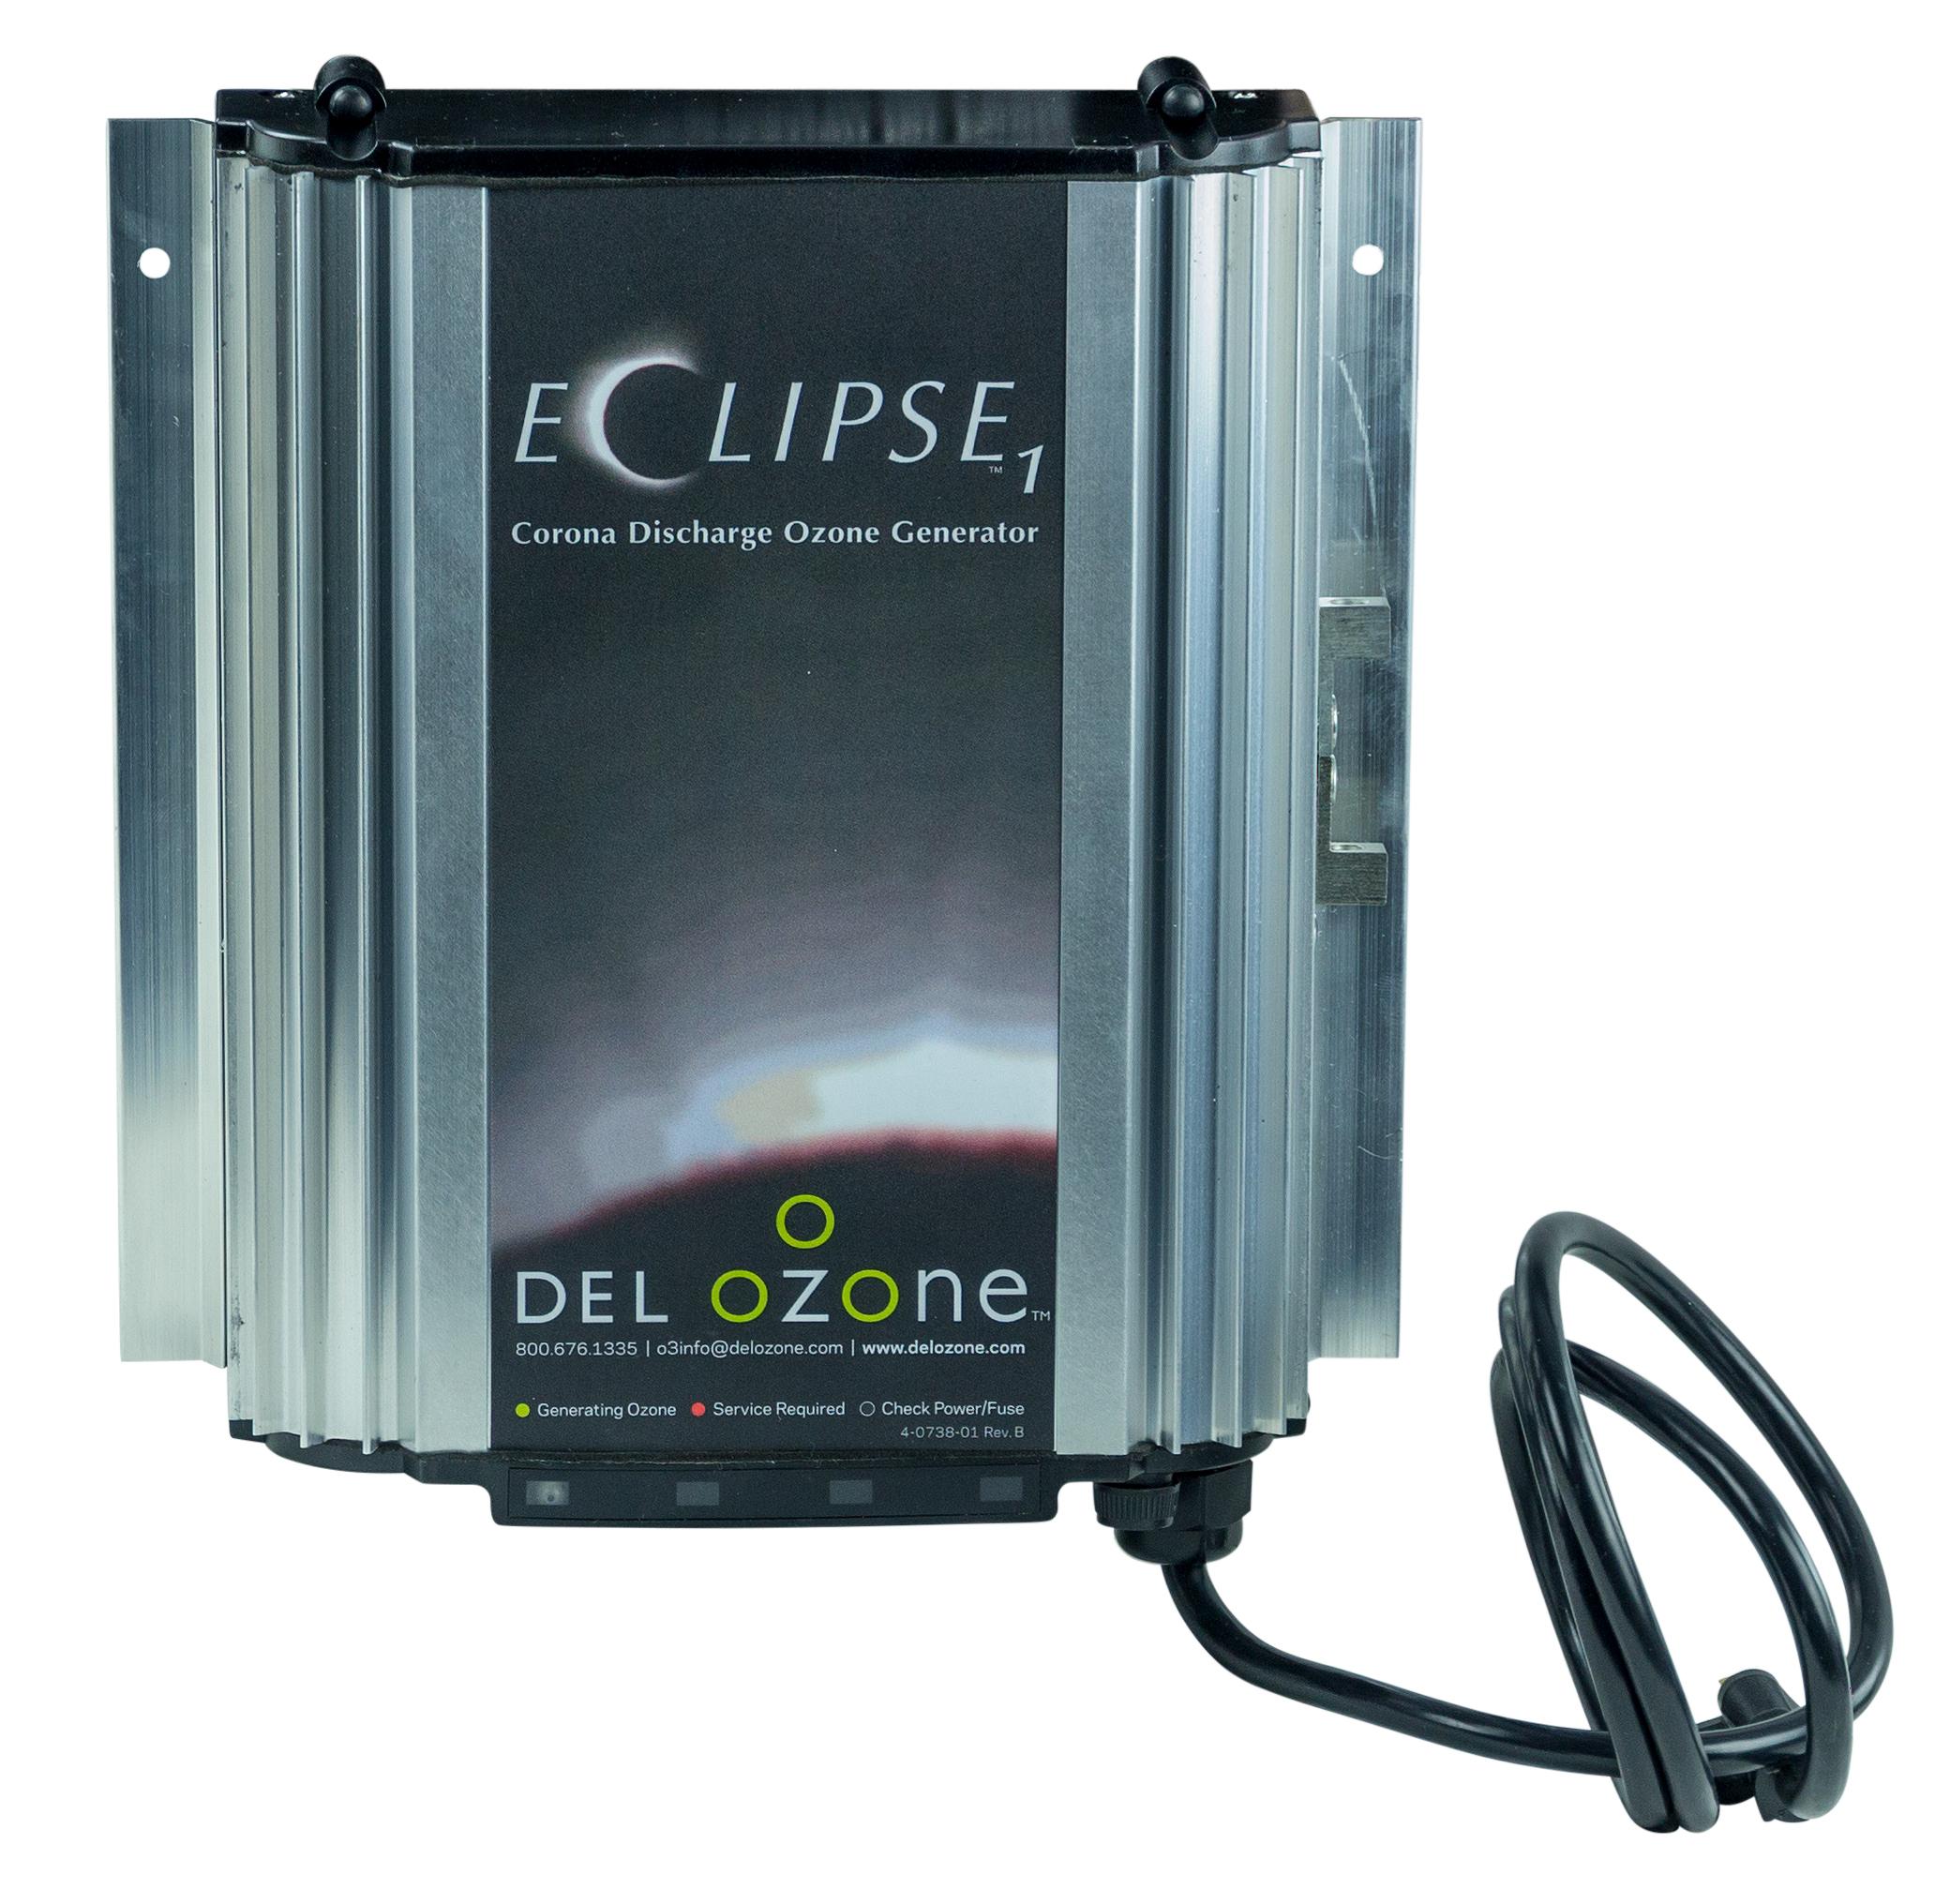 Del Ozone Eclipse 1 Ozone Generator 110 Volt